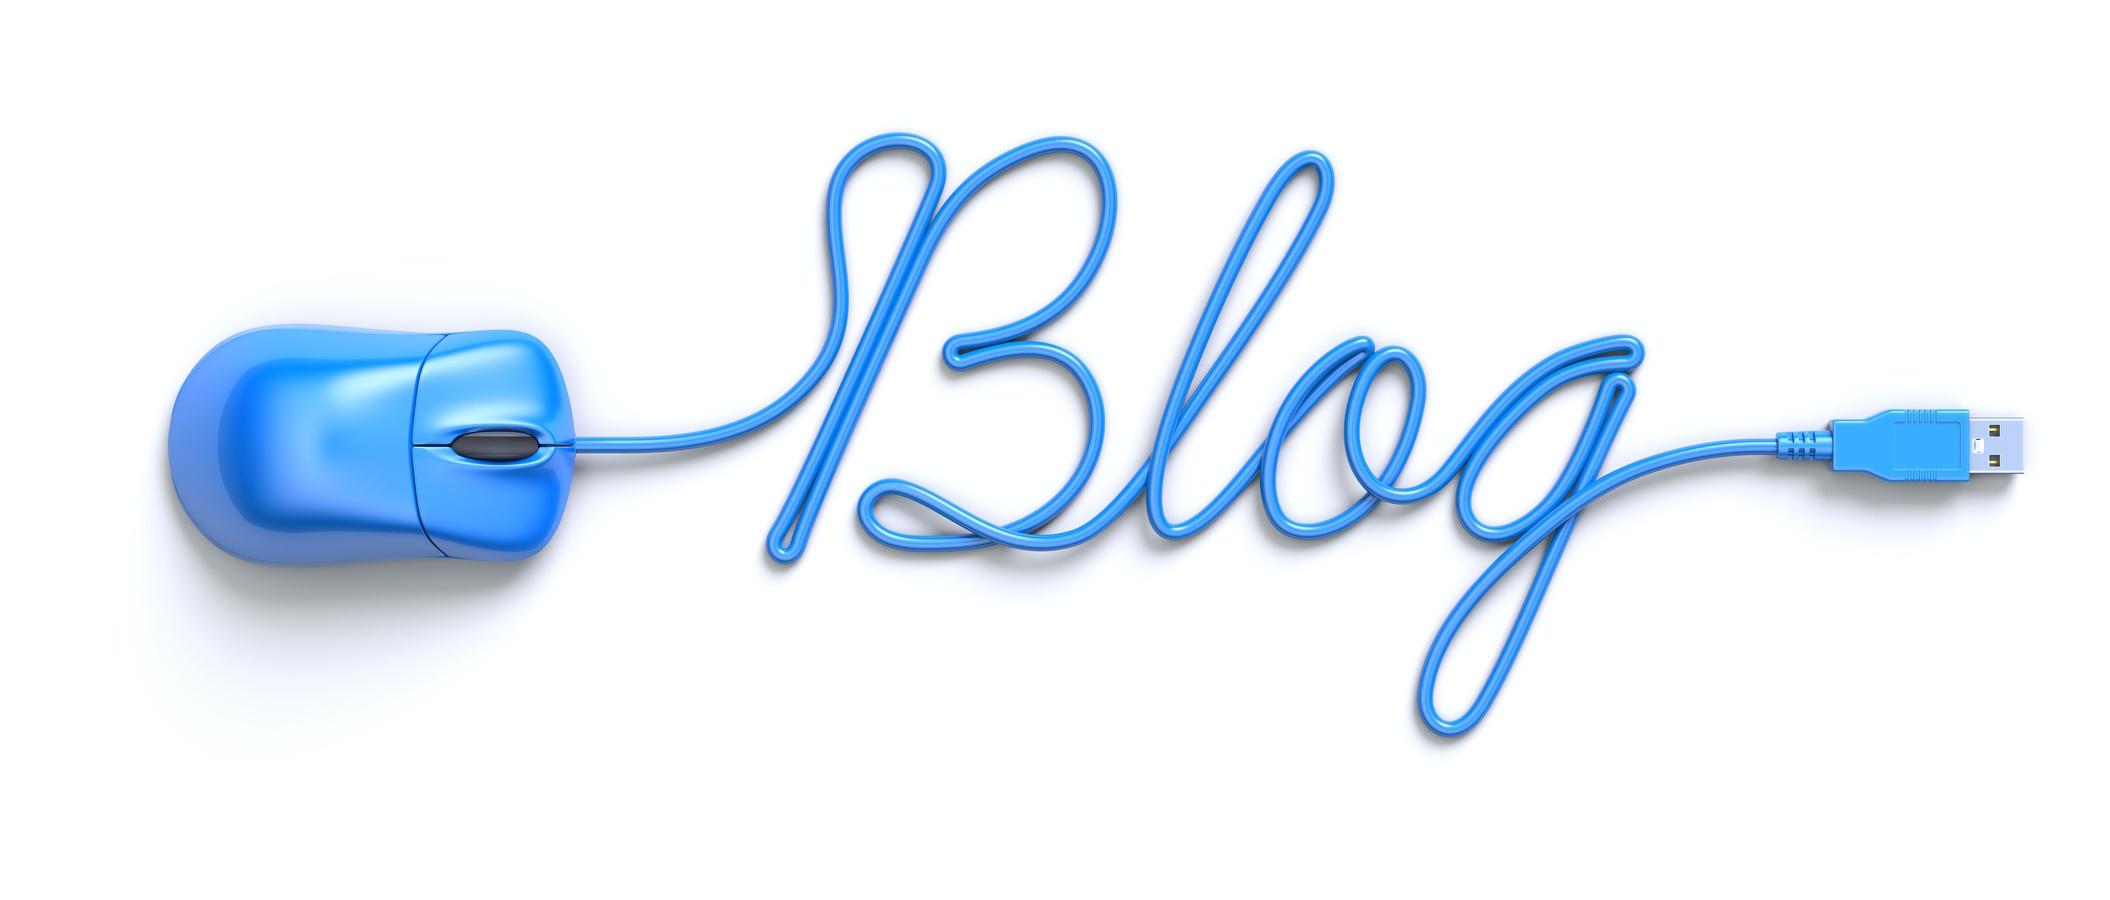 Tại sao phải phát triển Blog & xây dựng blog bằng wordpress